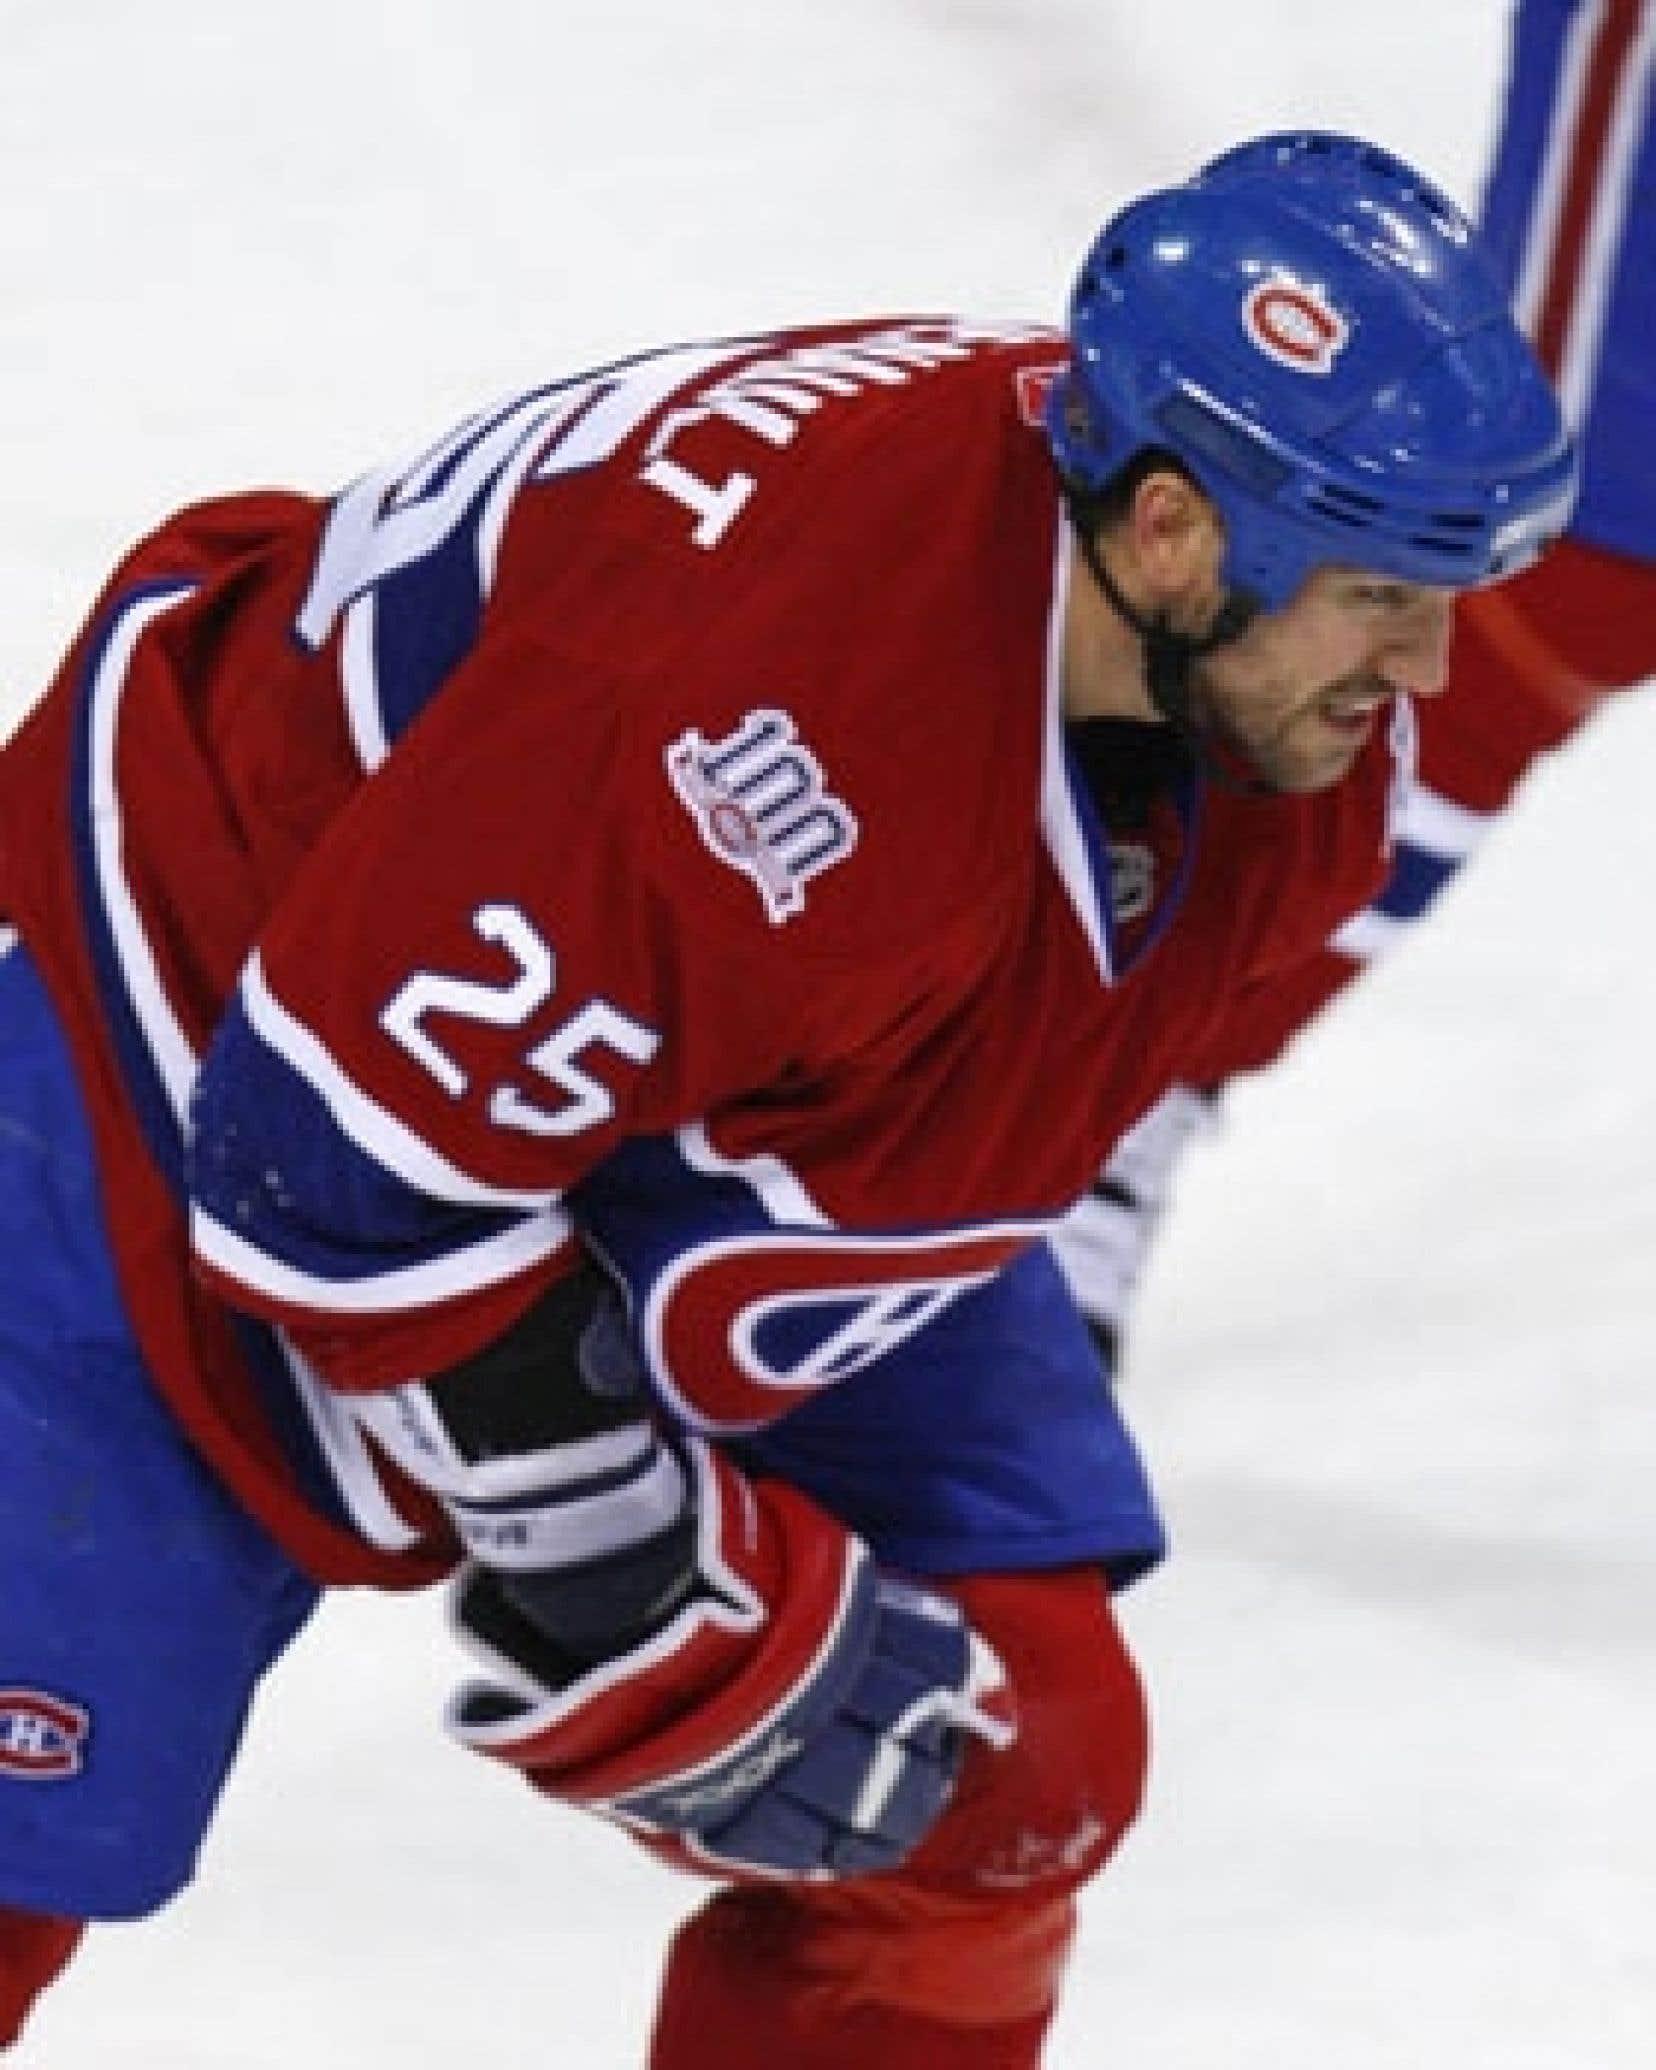 Mathieu Dandenault a subi une triple fracture du radius, plus quelques fissures, lors du match contre Calgary, mardi à Montréal.